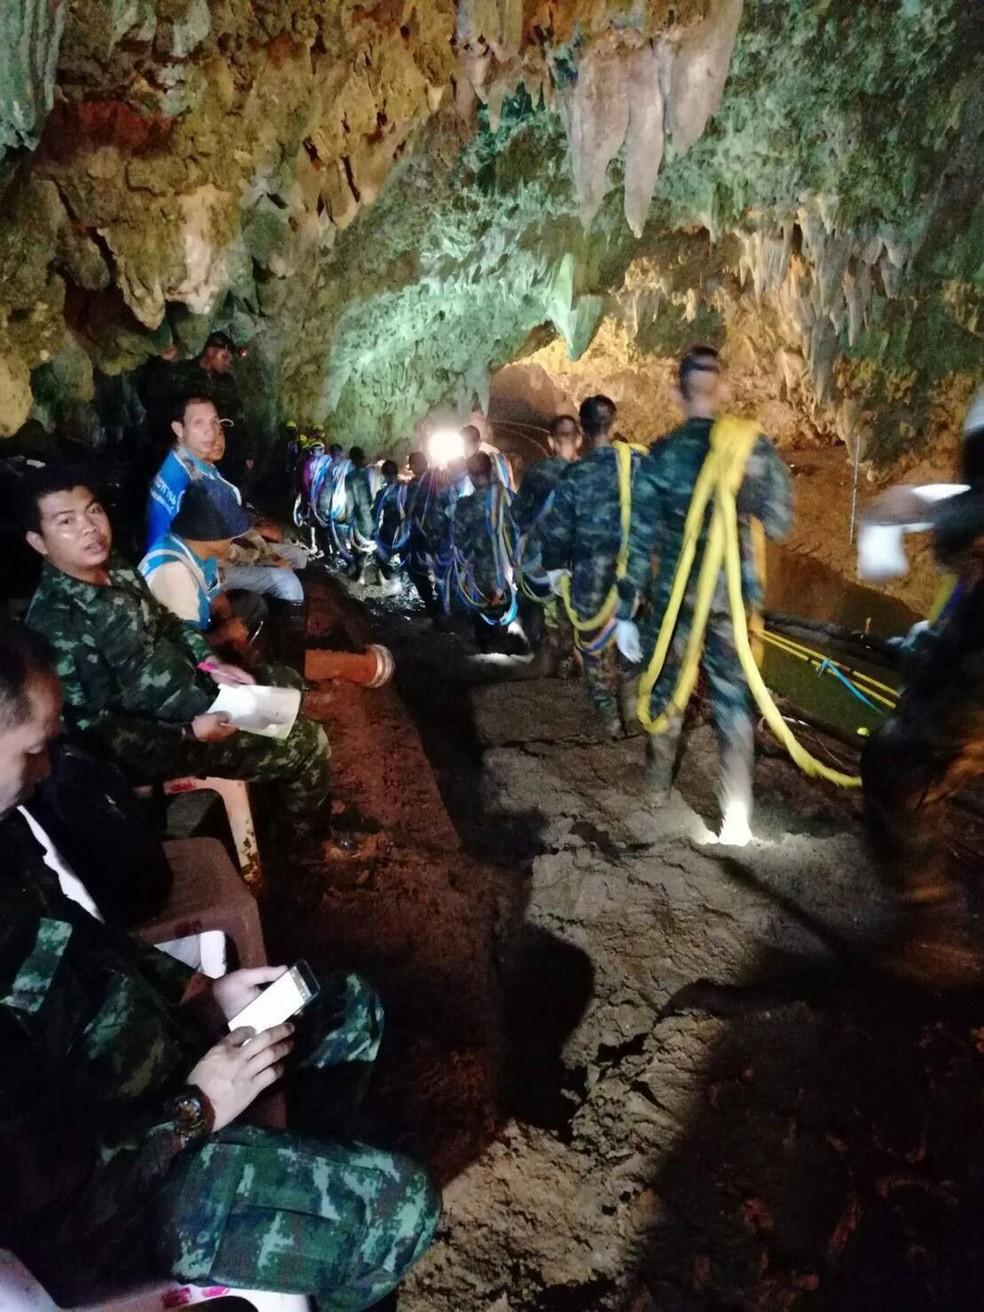 Soldados trabalham no resgate de grupo desaparecido na caverna Tham Luang, na Tailândia, nesta terça-feira (2)  (Foto: Royal Thai Navy / AFP)